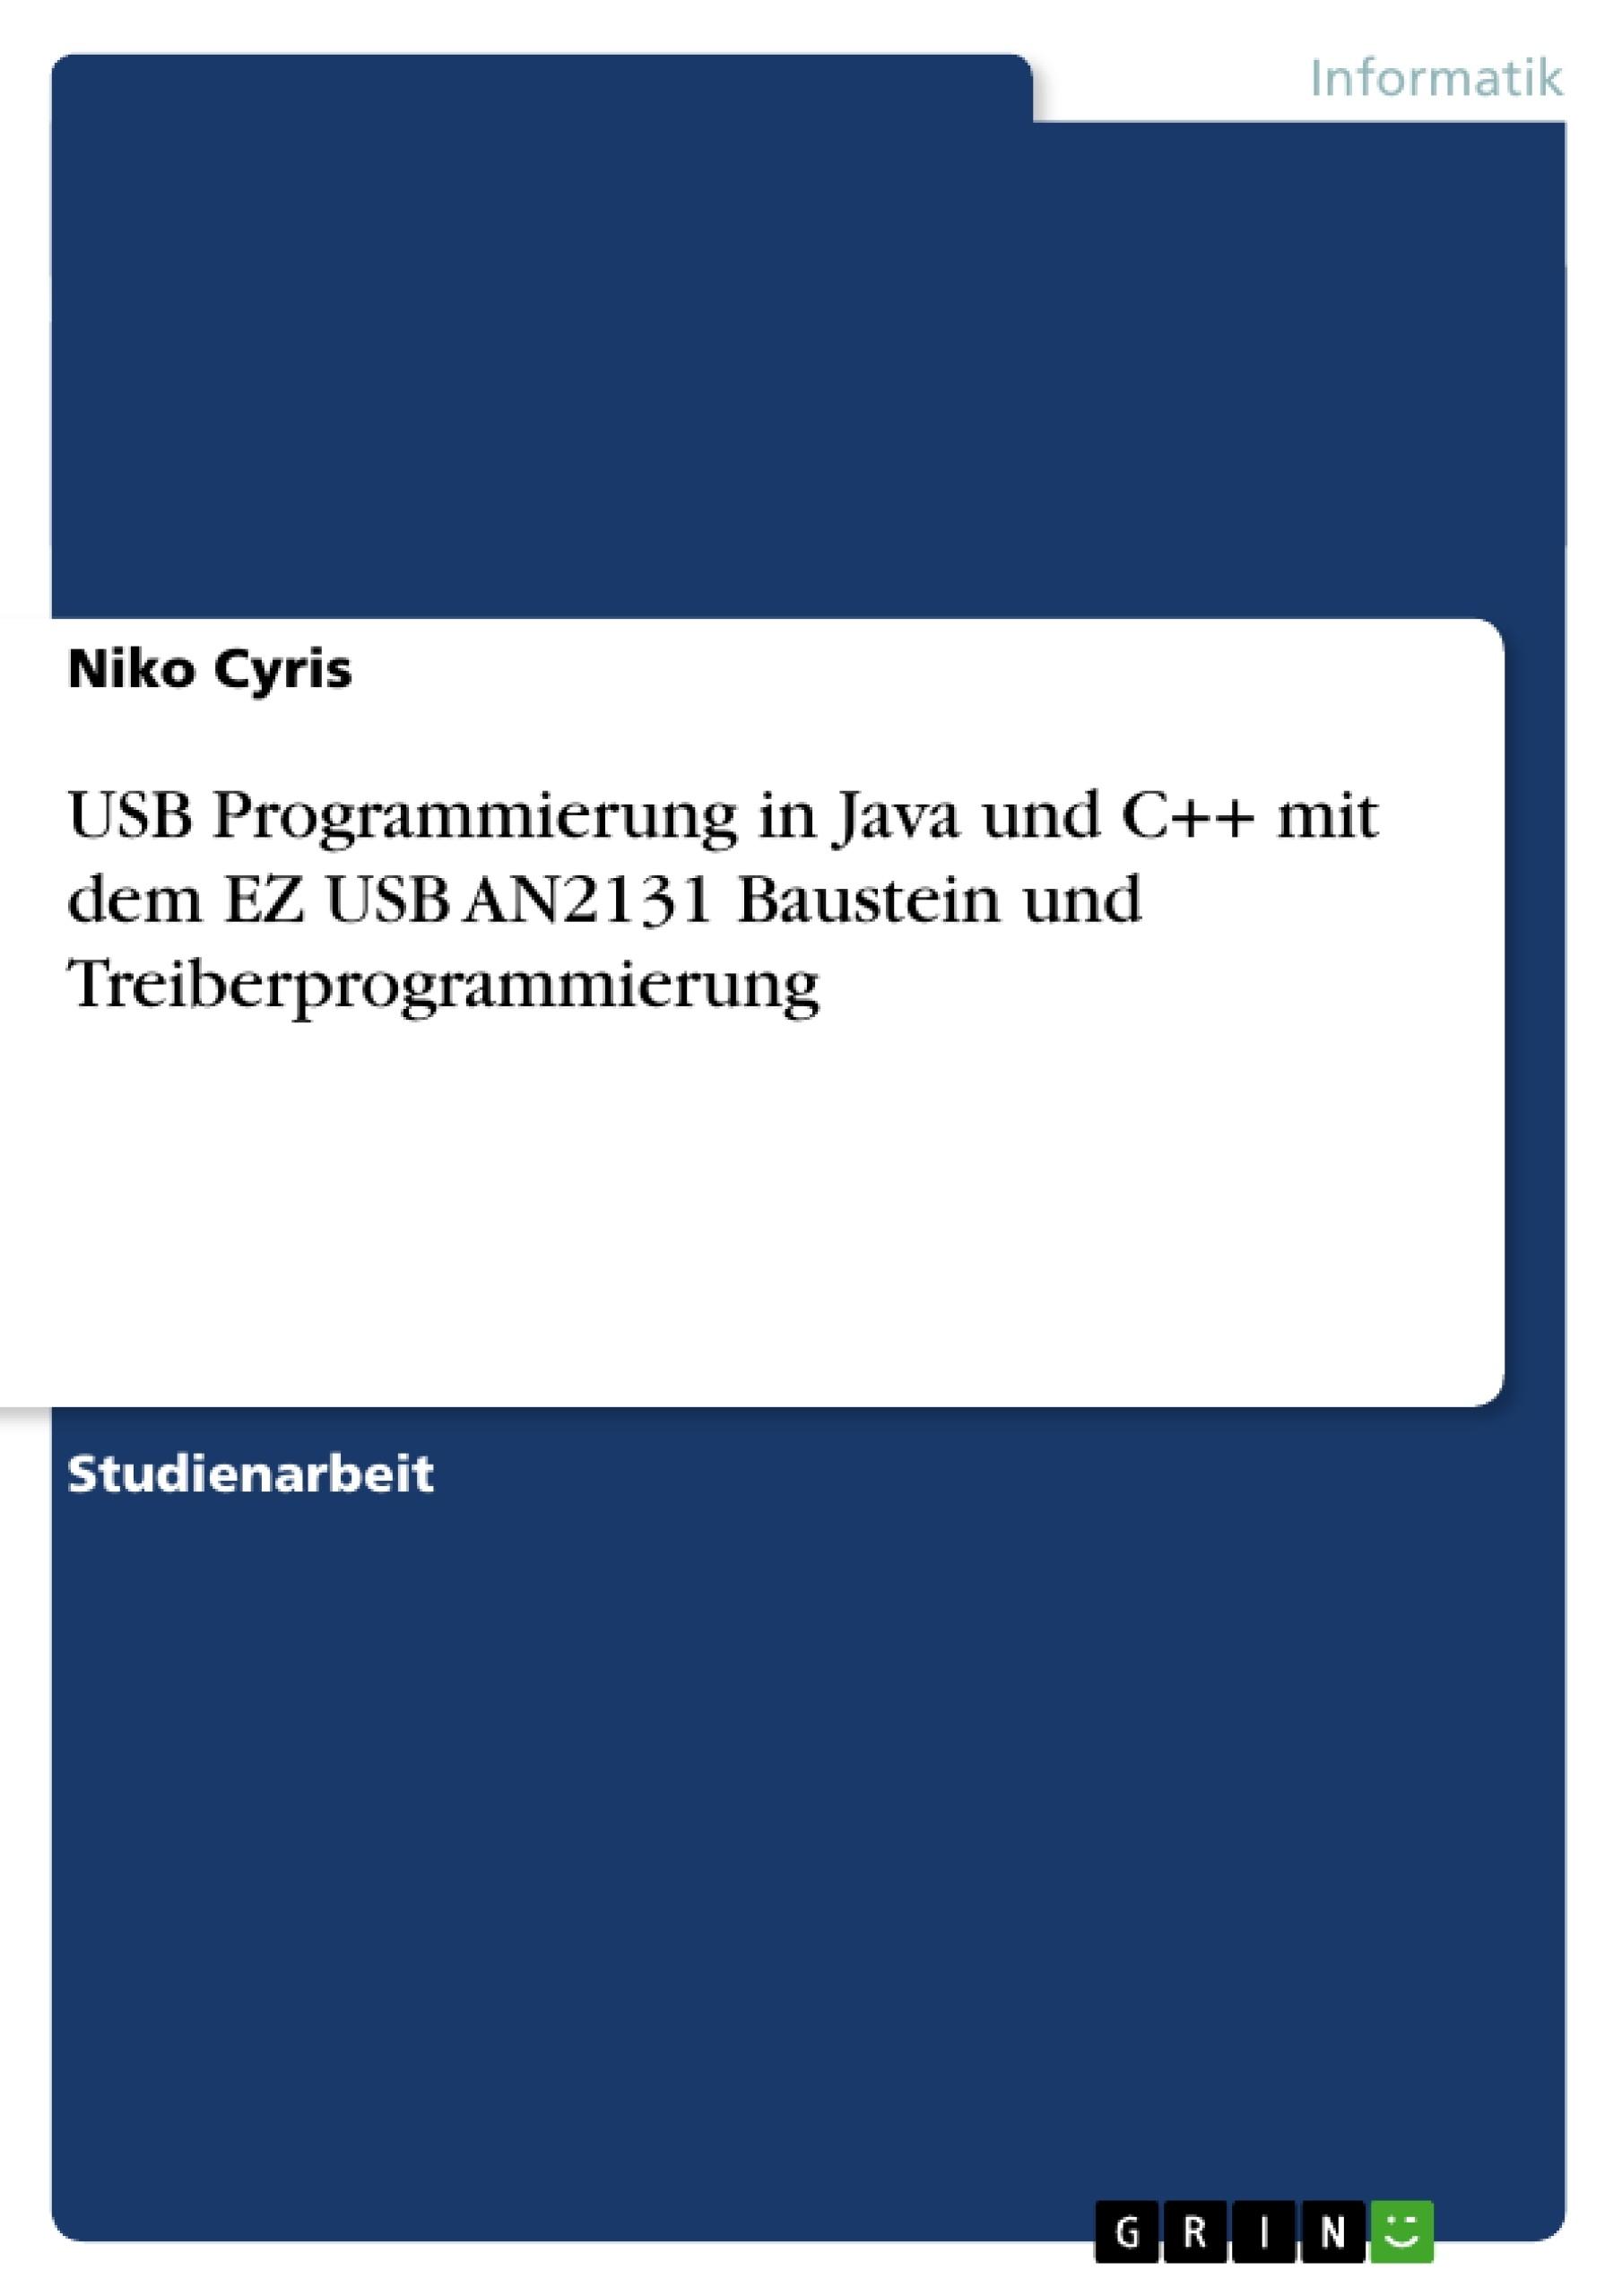 Titel: USB Programmierung in Java und C++ mit dem EZ USB AN2131 Baustein und Treiberprogrammierung